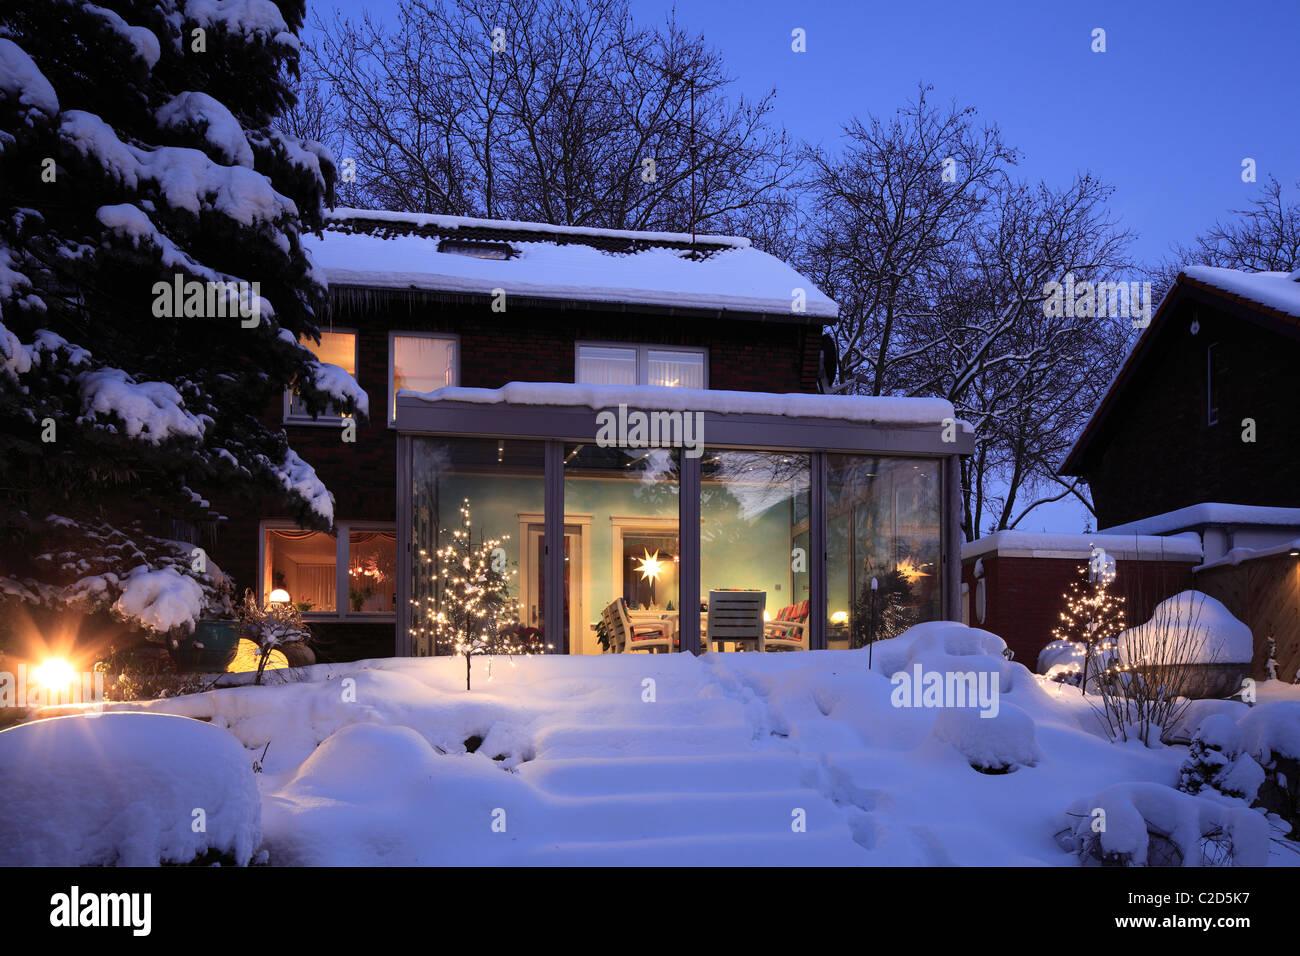 Maison D Habitation Avec Jardin D Hiver Maison Unifamiliale Maison